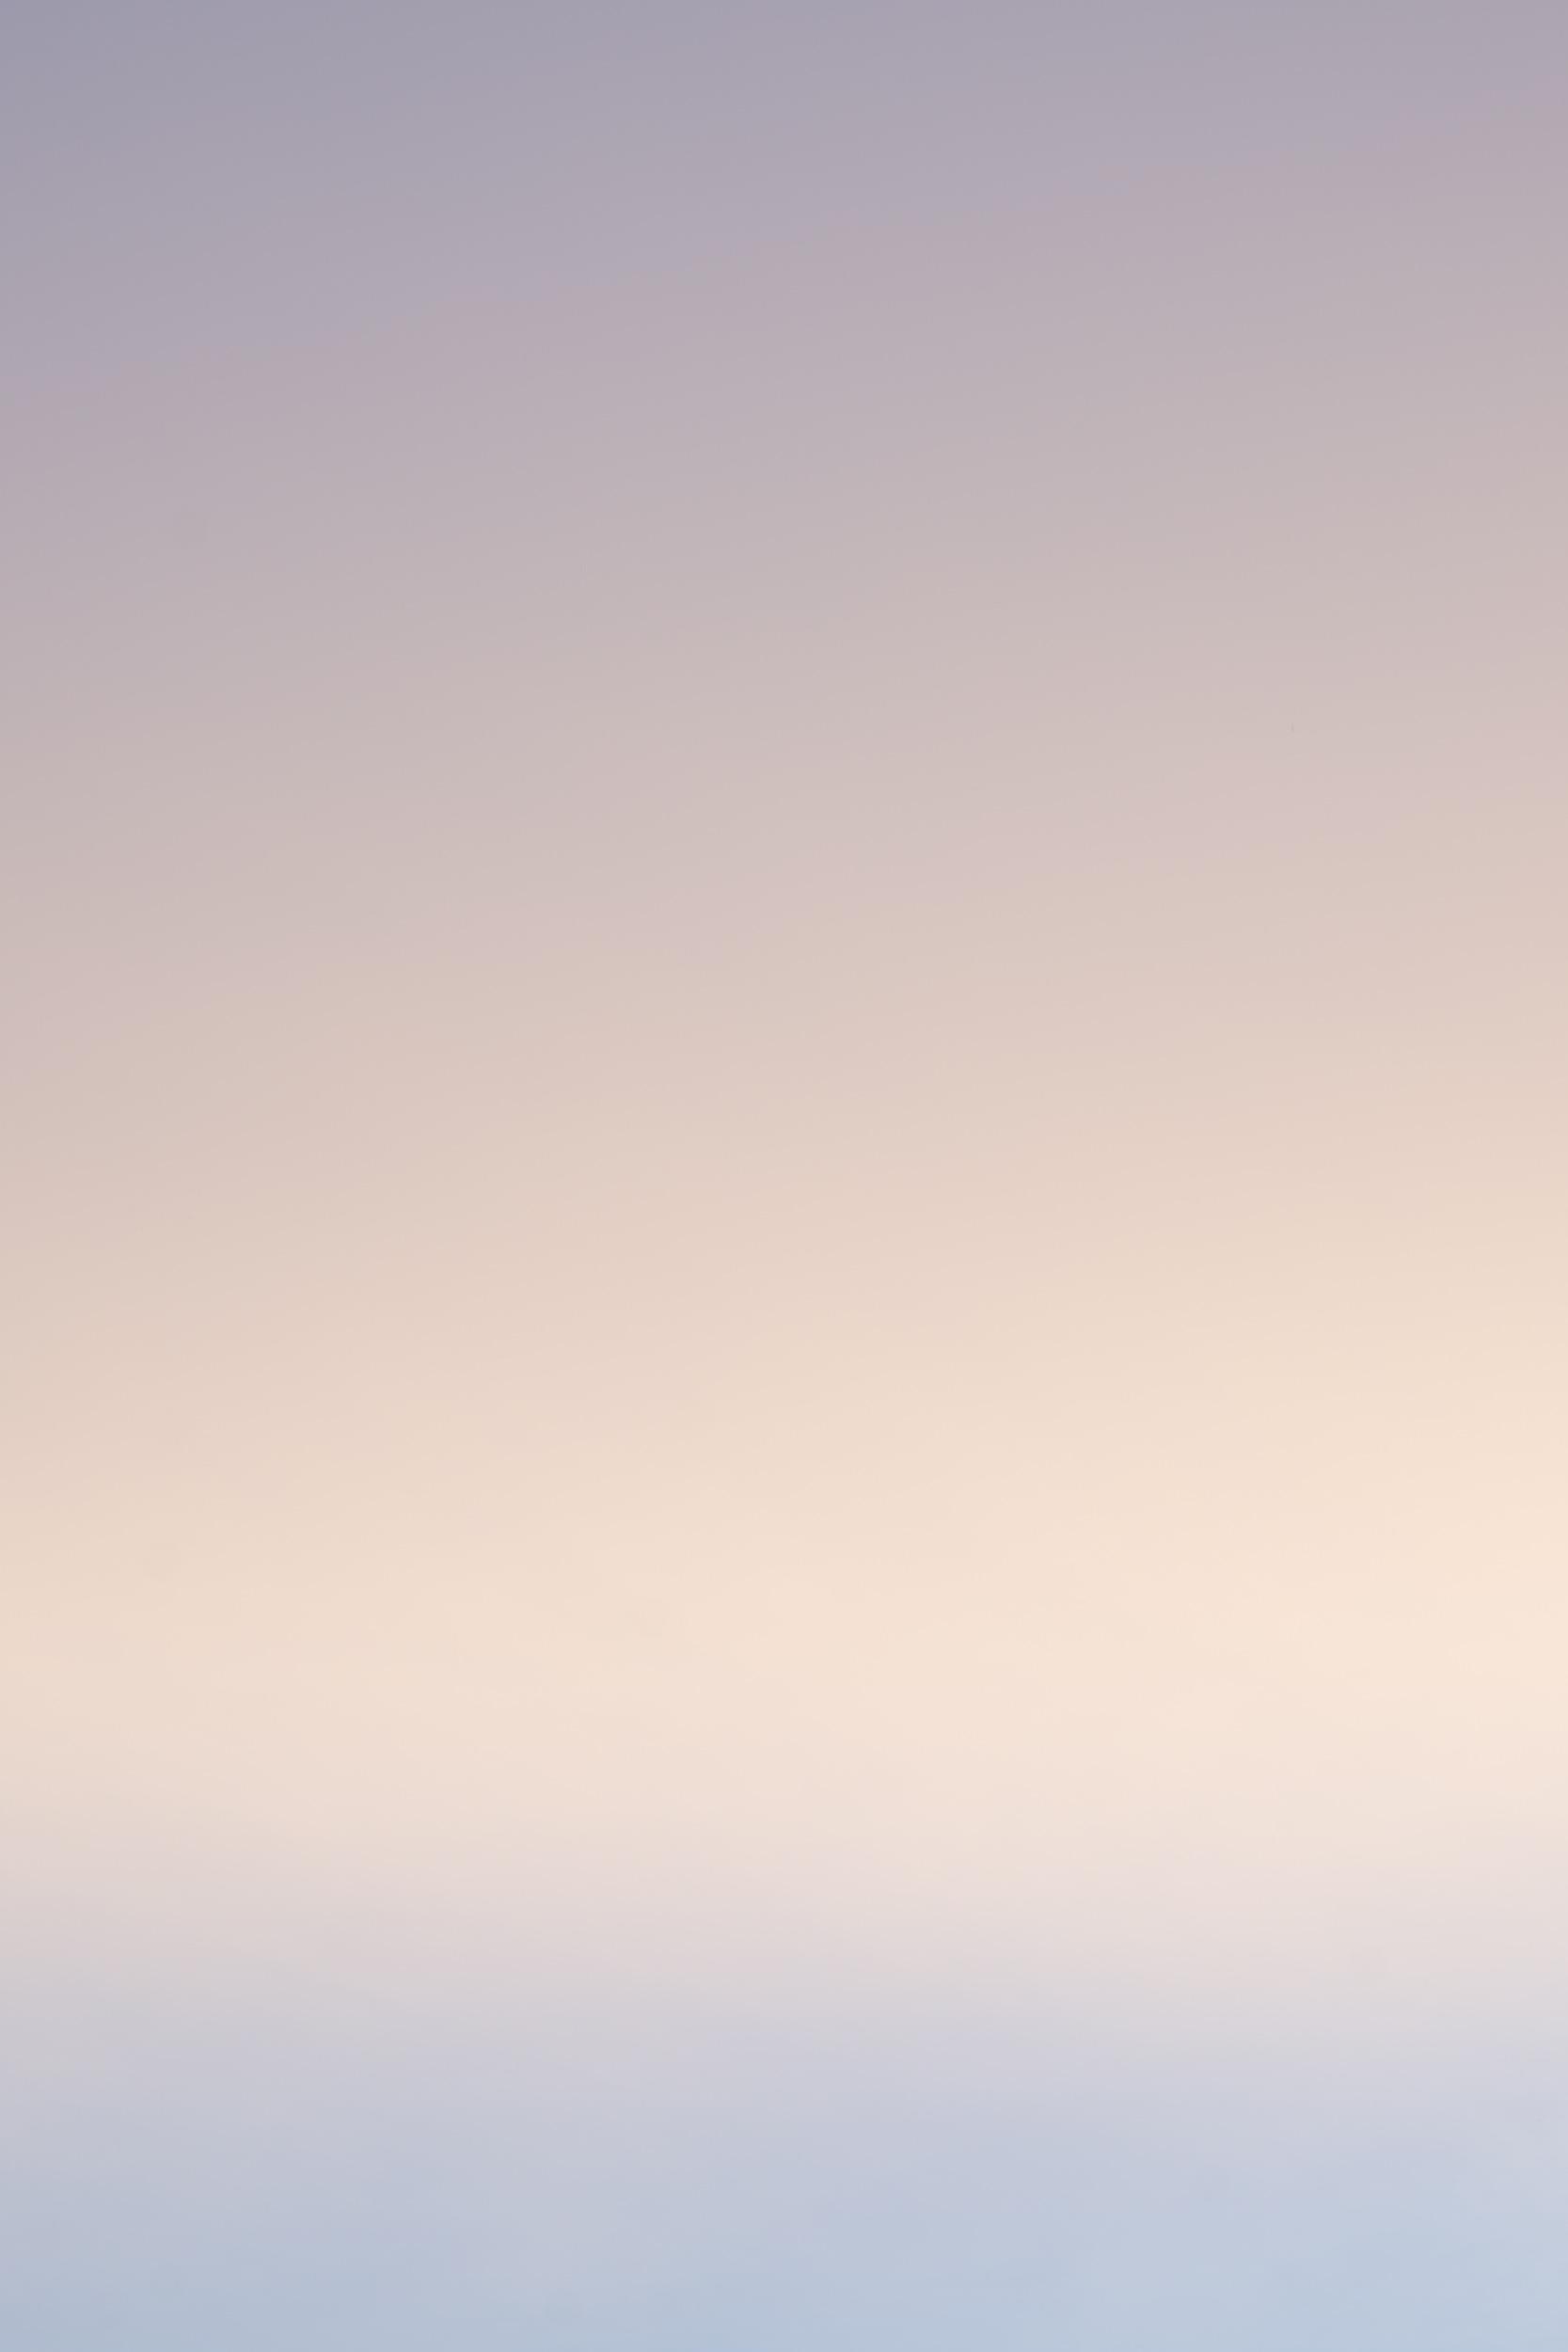 Skyscape 1416